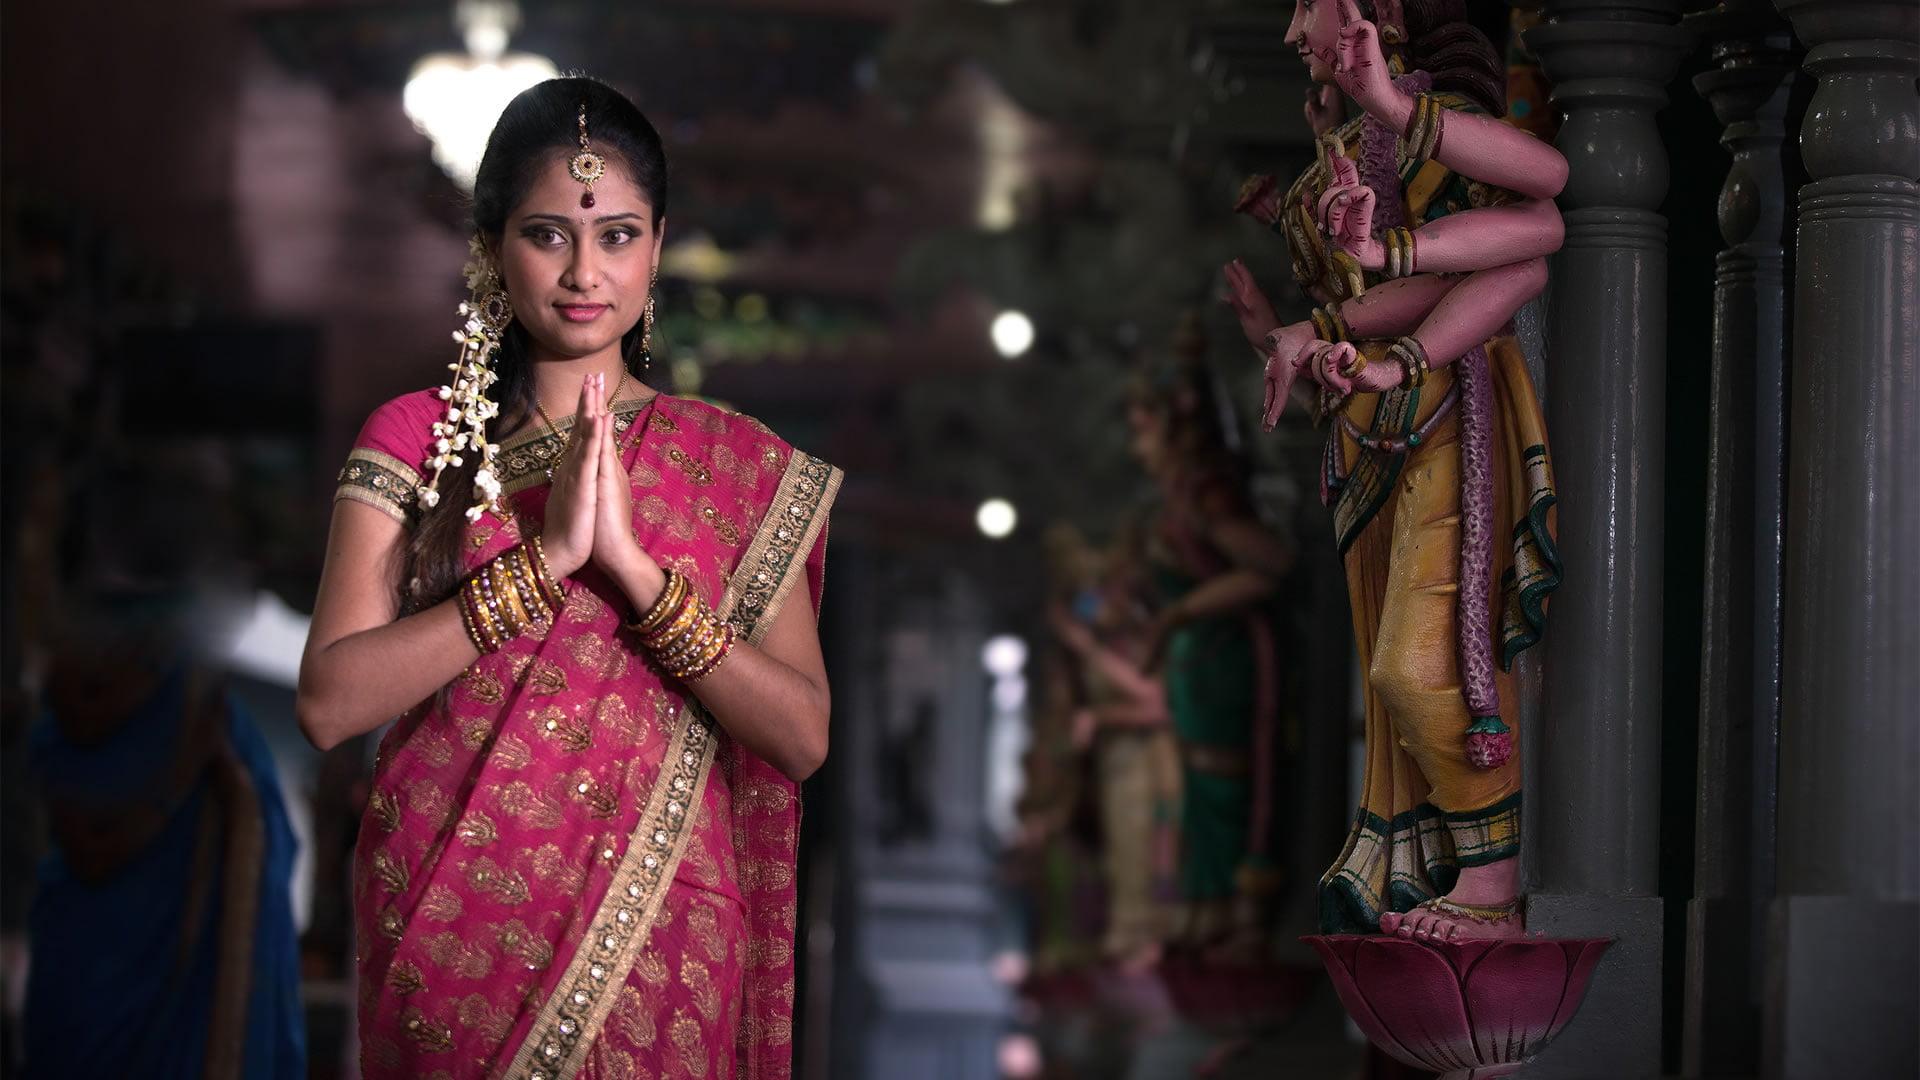 El sari, la prenda más conocida de la India